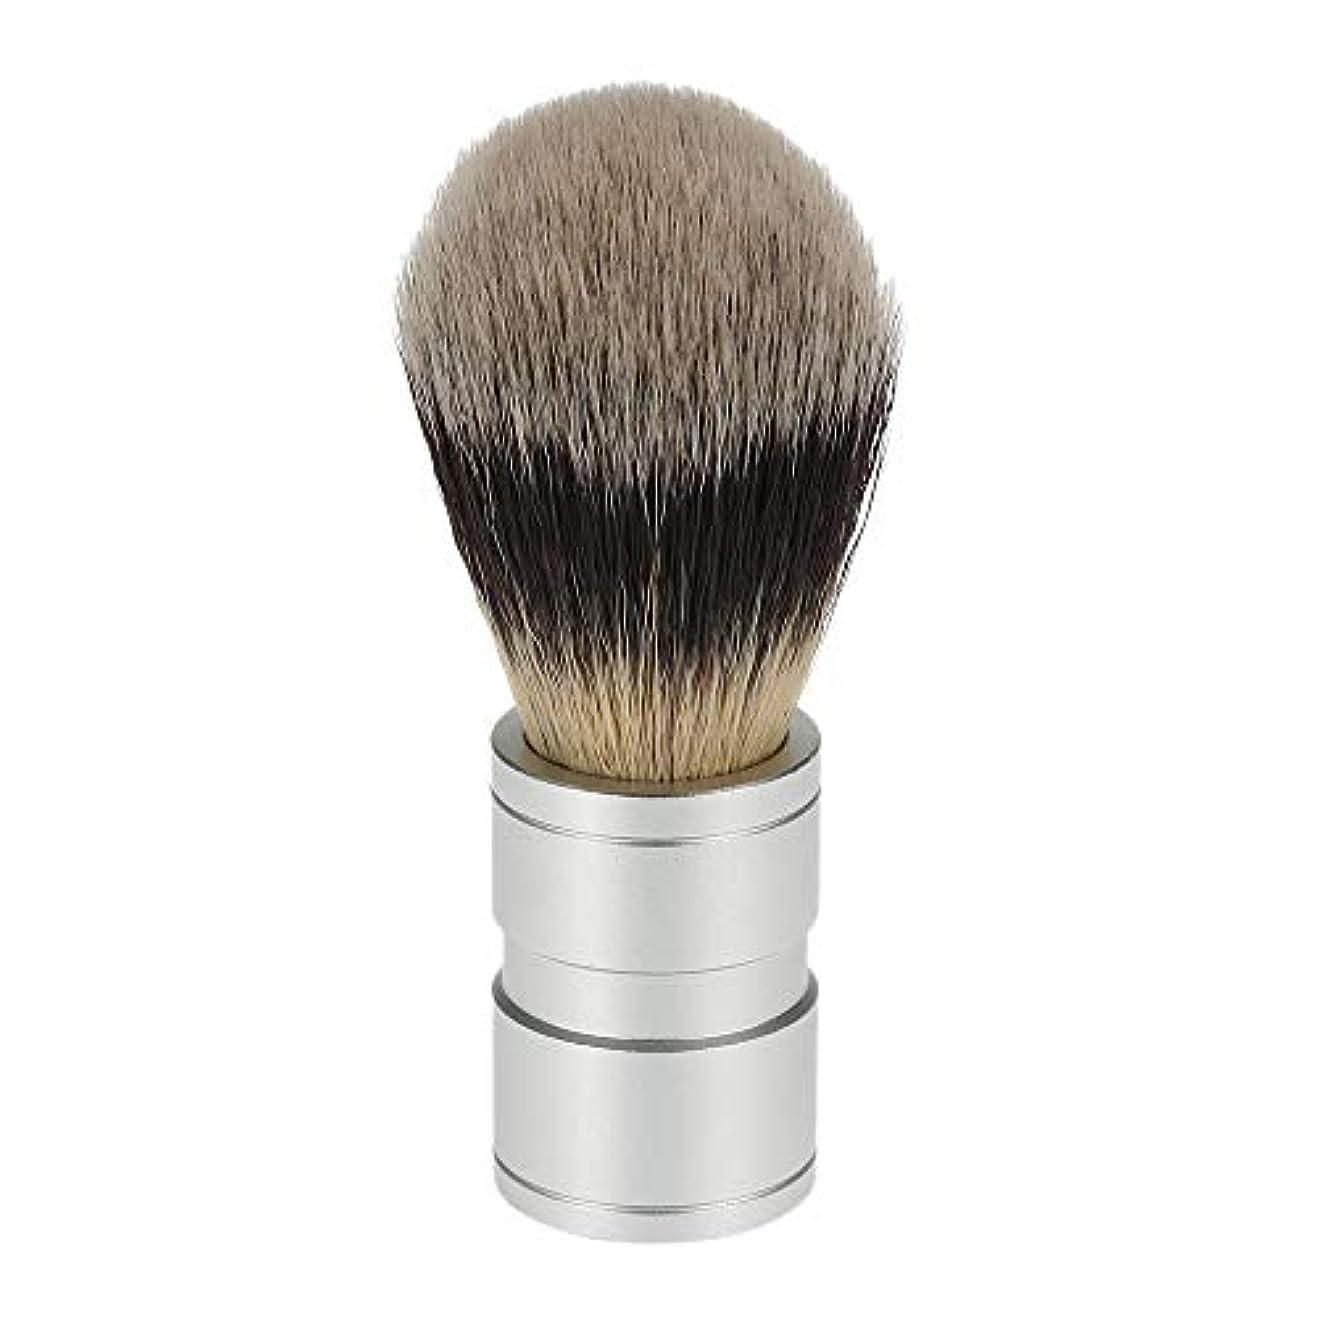 カプラー疎外する銀行RETYLY 1ピース 男性のヘアシェービングブラシ ステンレス金属ハンドル ソフト合成ナイロンヘア理髪ブラシ 快適な ひげ剃りツール